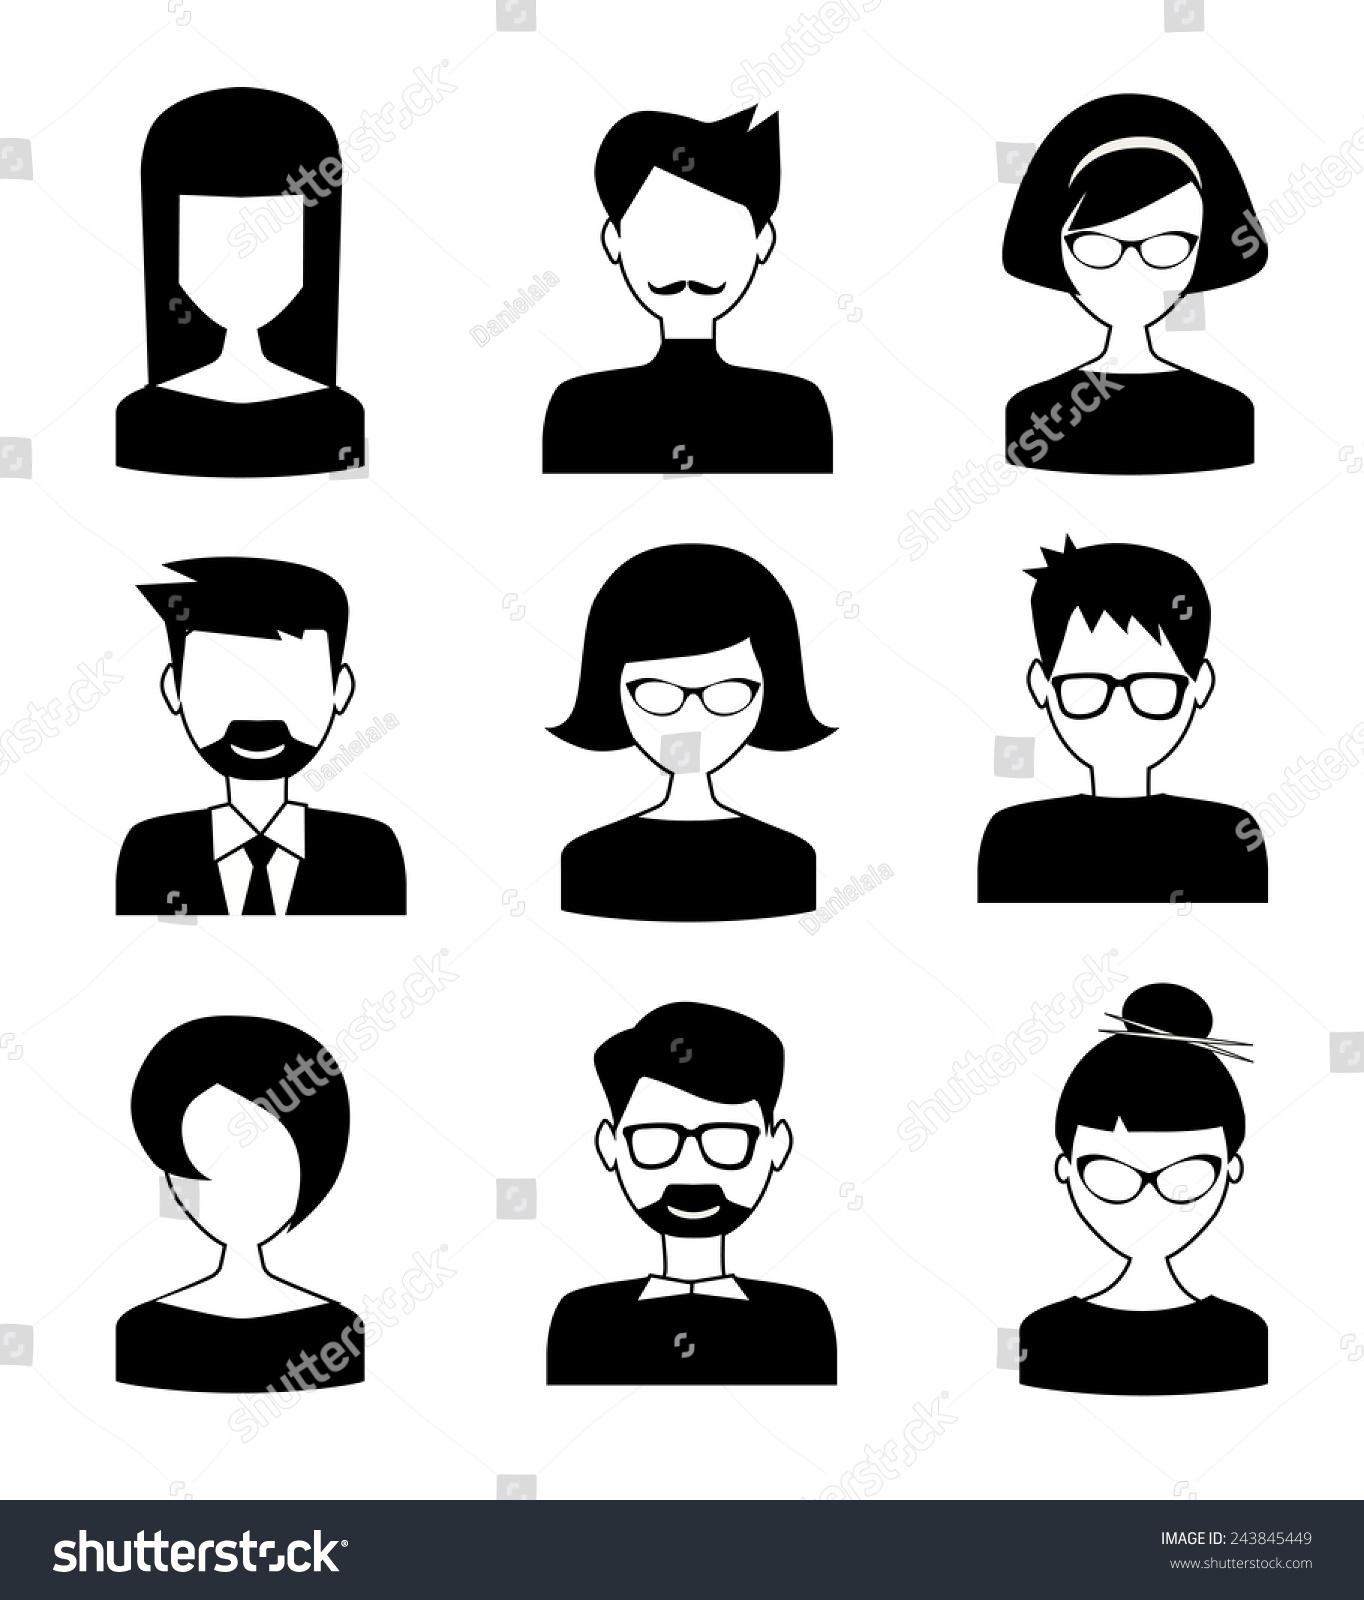 黑白人物图标-背景/素材